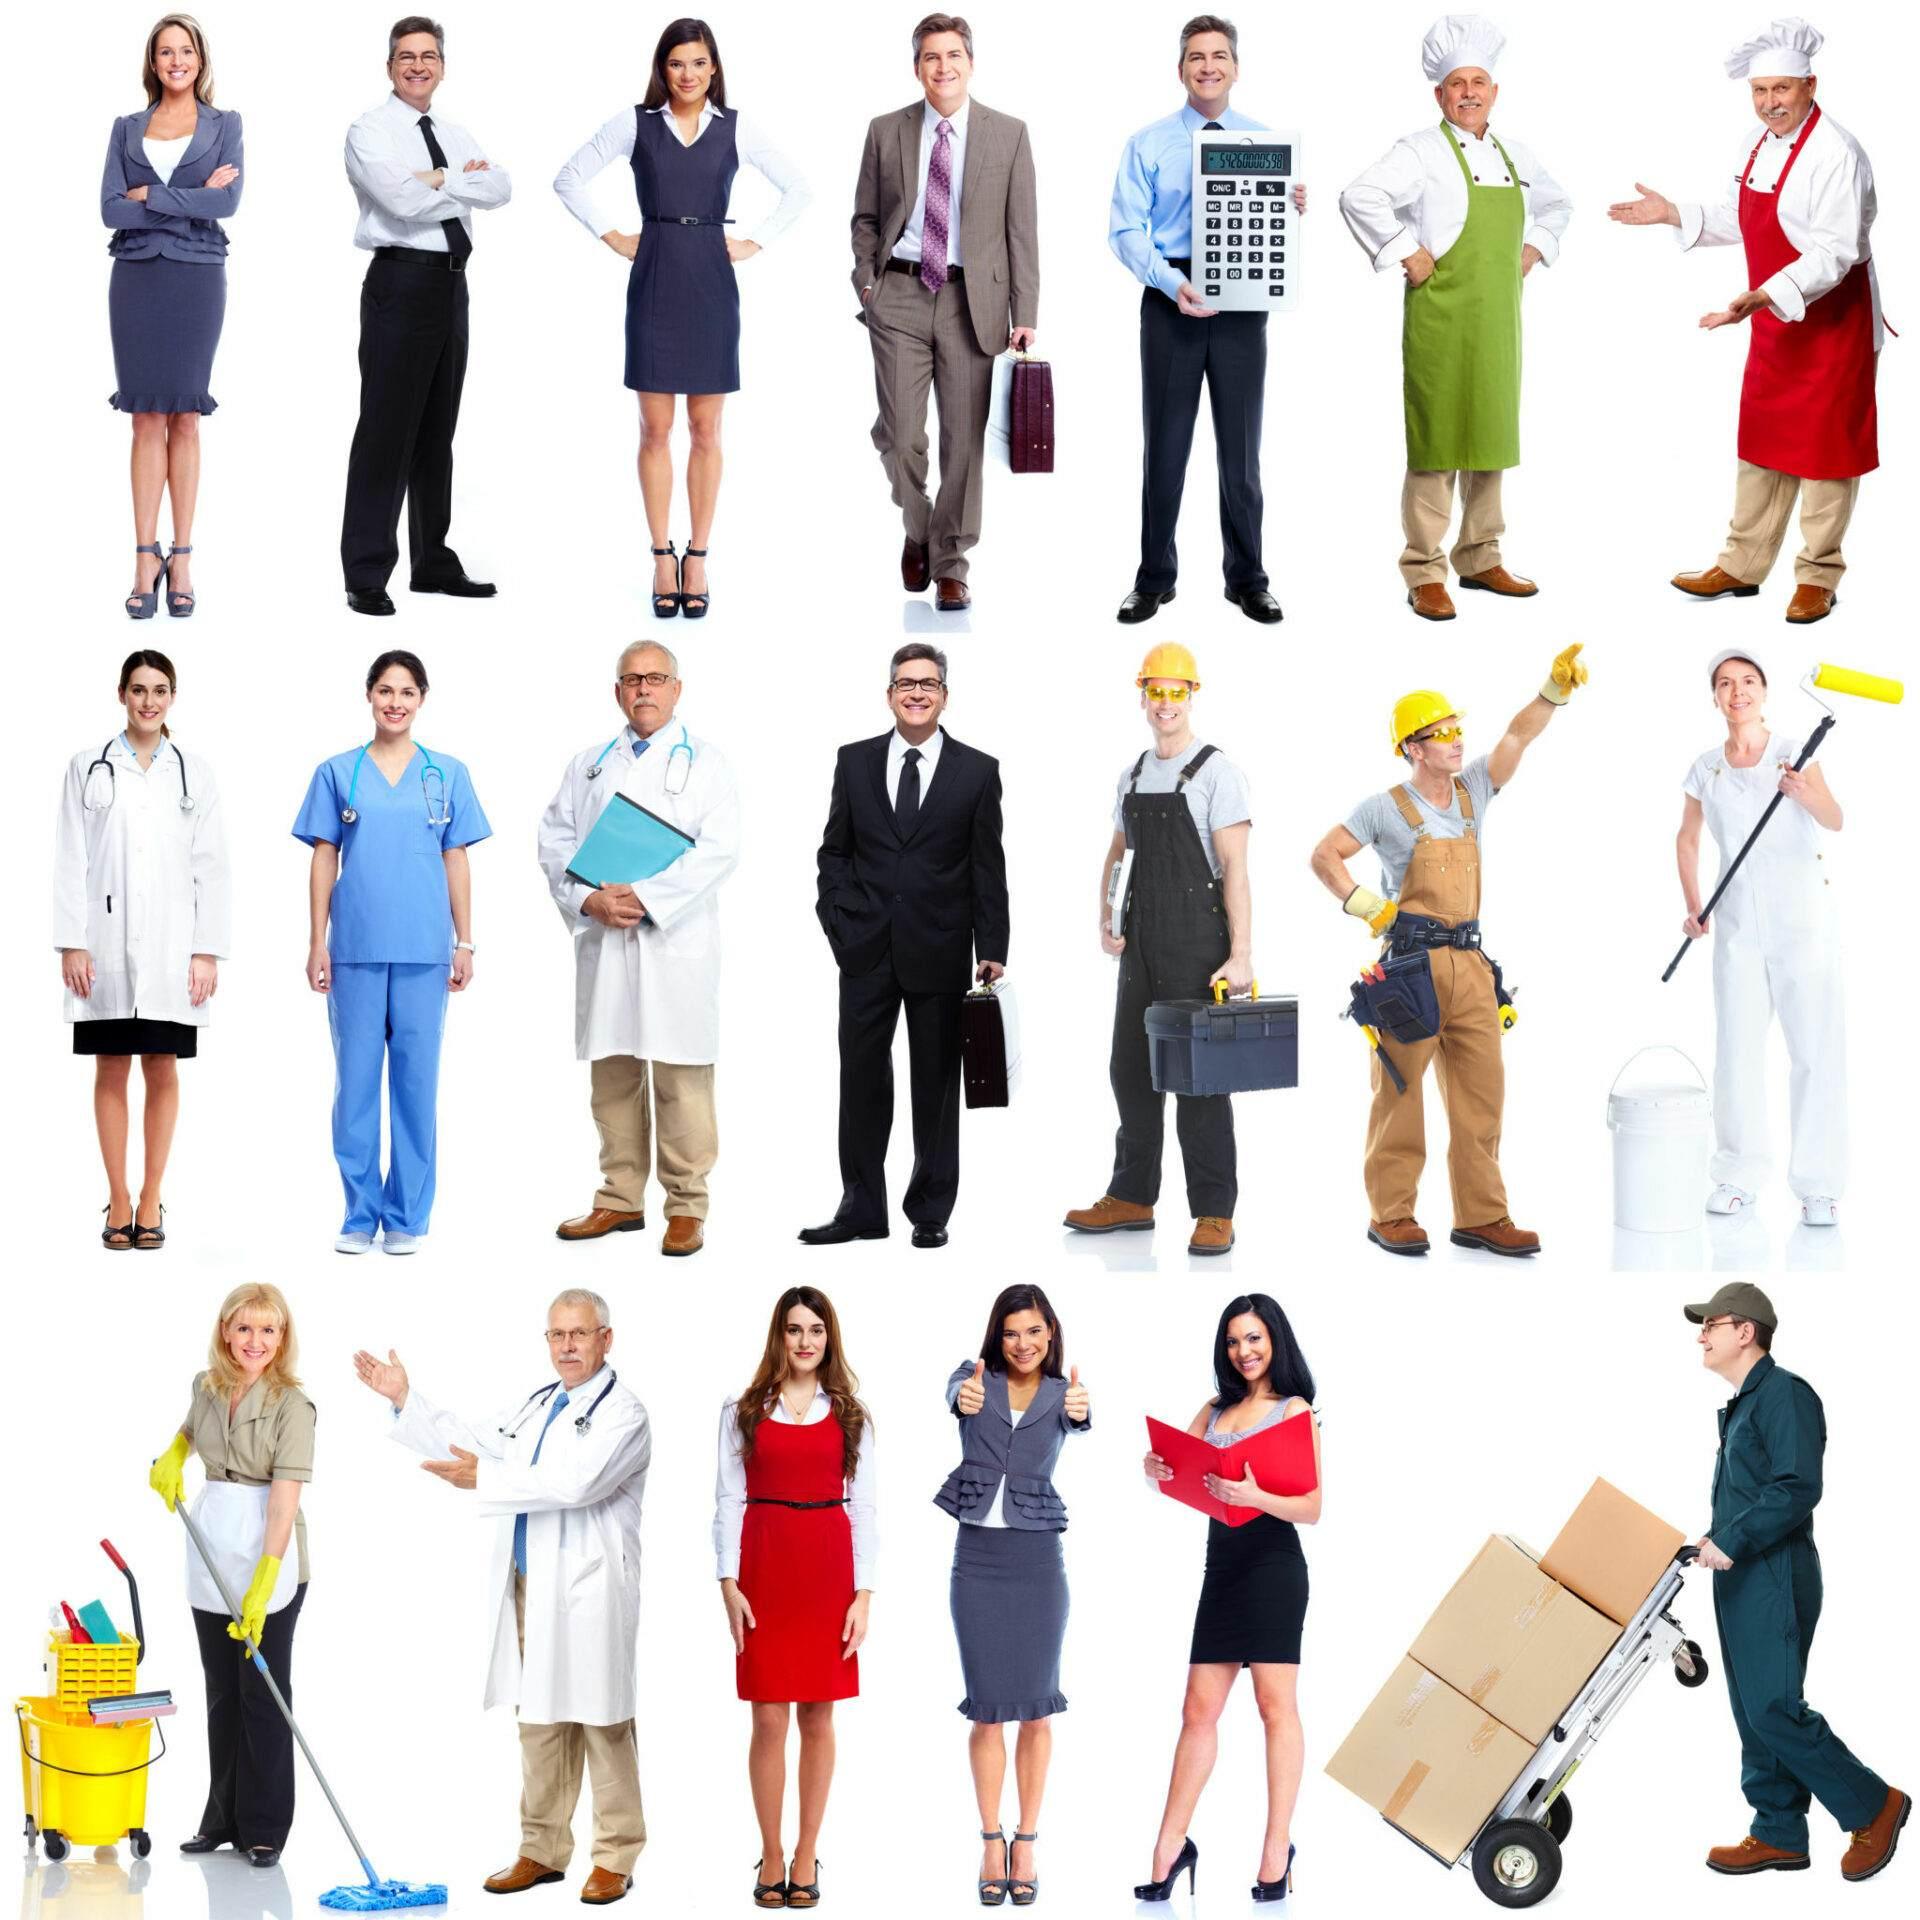 Tausche Berufung gegen Jobfrust!